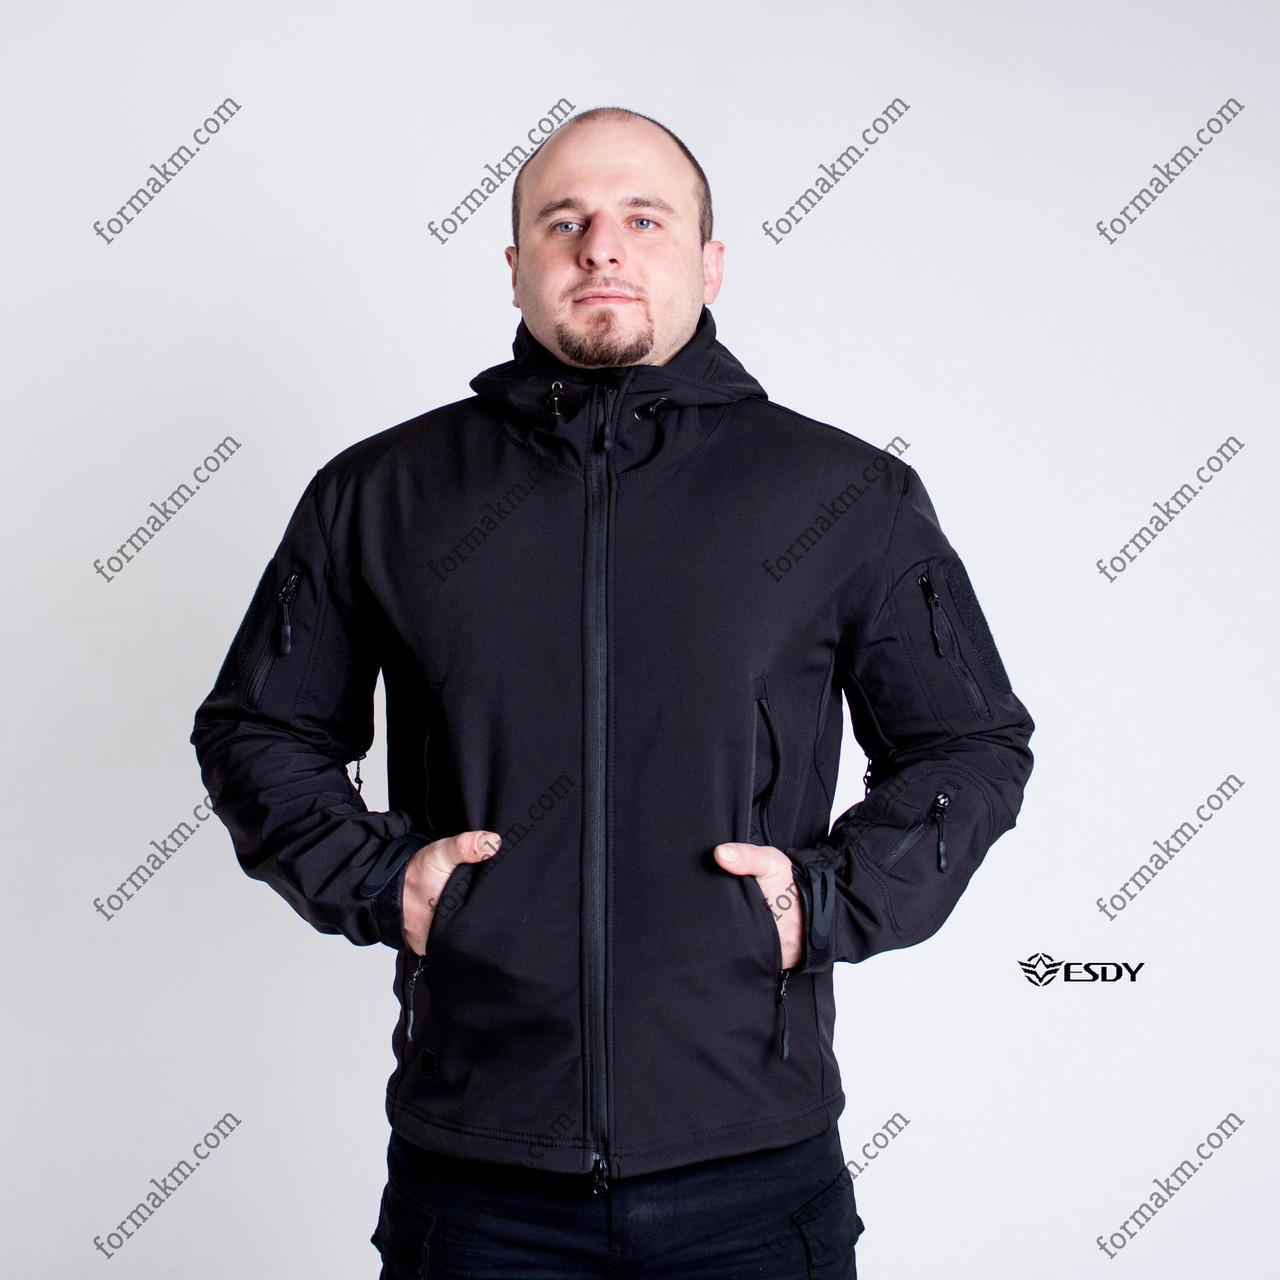 Тактическая Куртка Soft Shell ESDY TAC.-01 Black непромокаемая